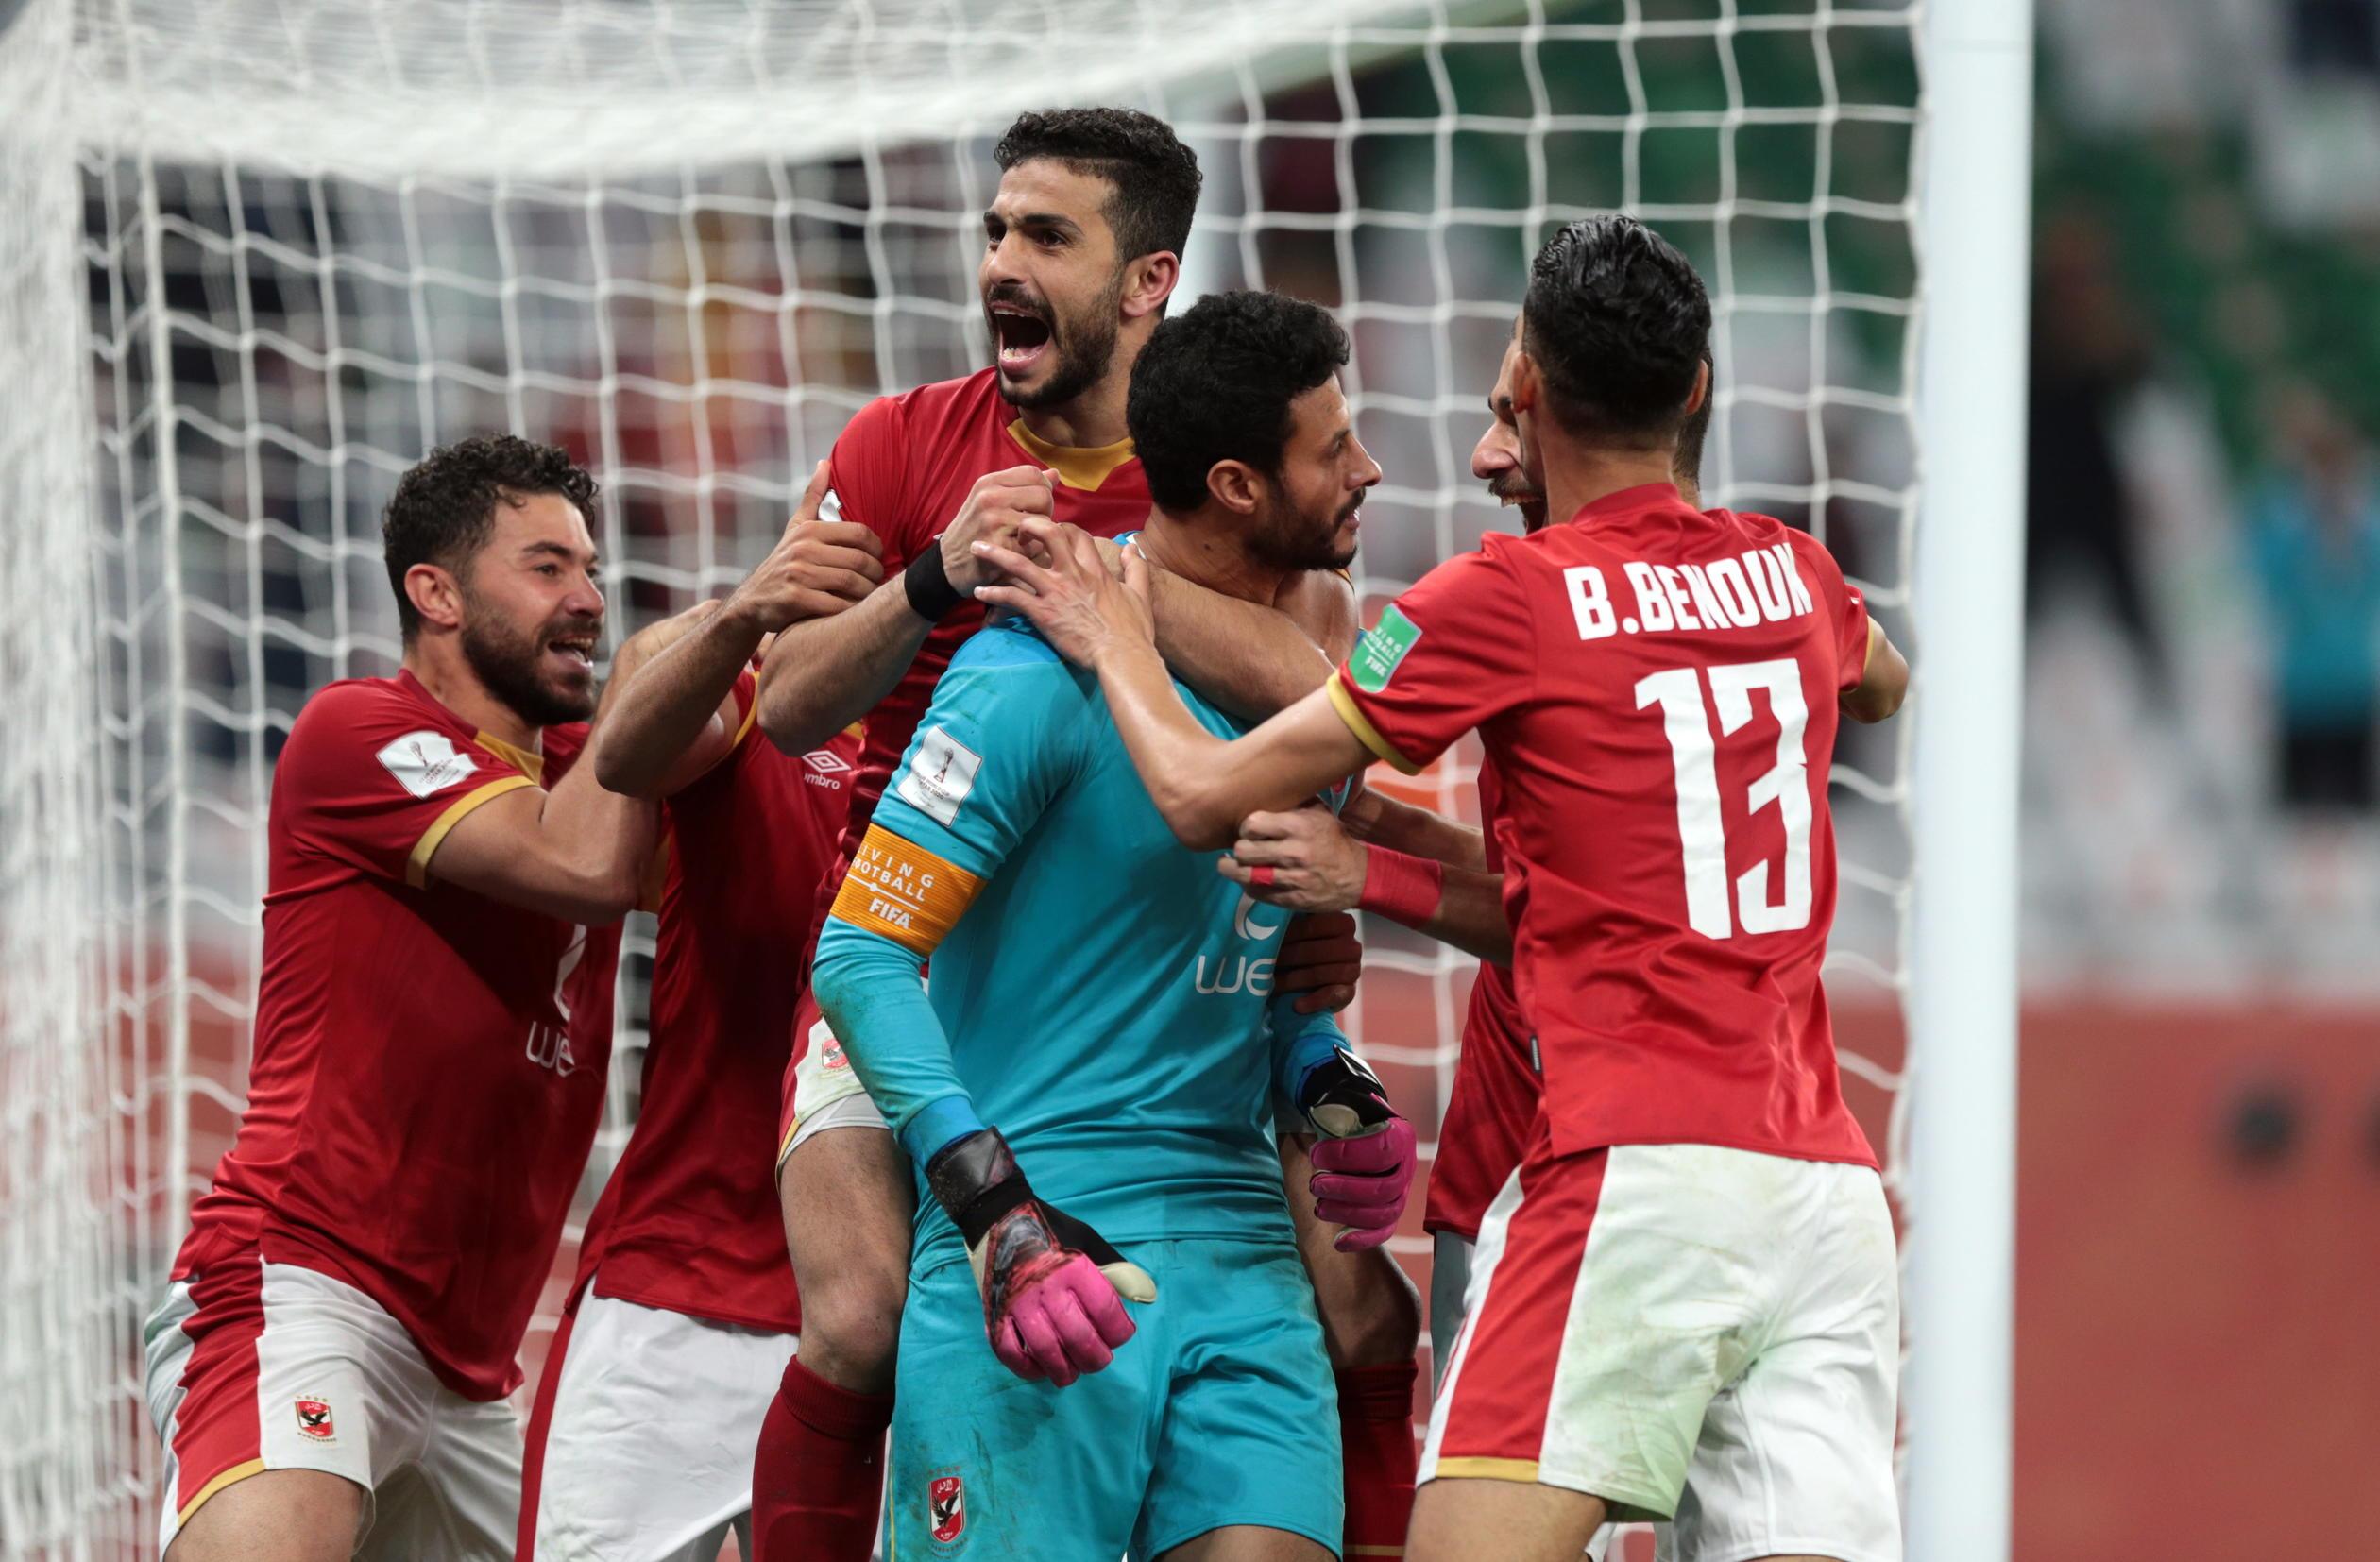 Al Ahly se quedó con el tercer lugar del Mundial de Clubes.